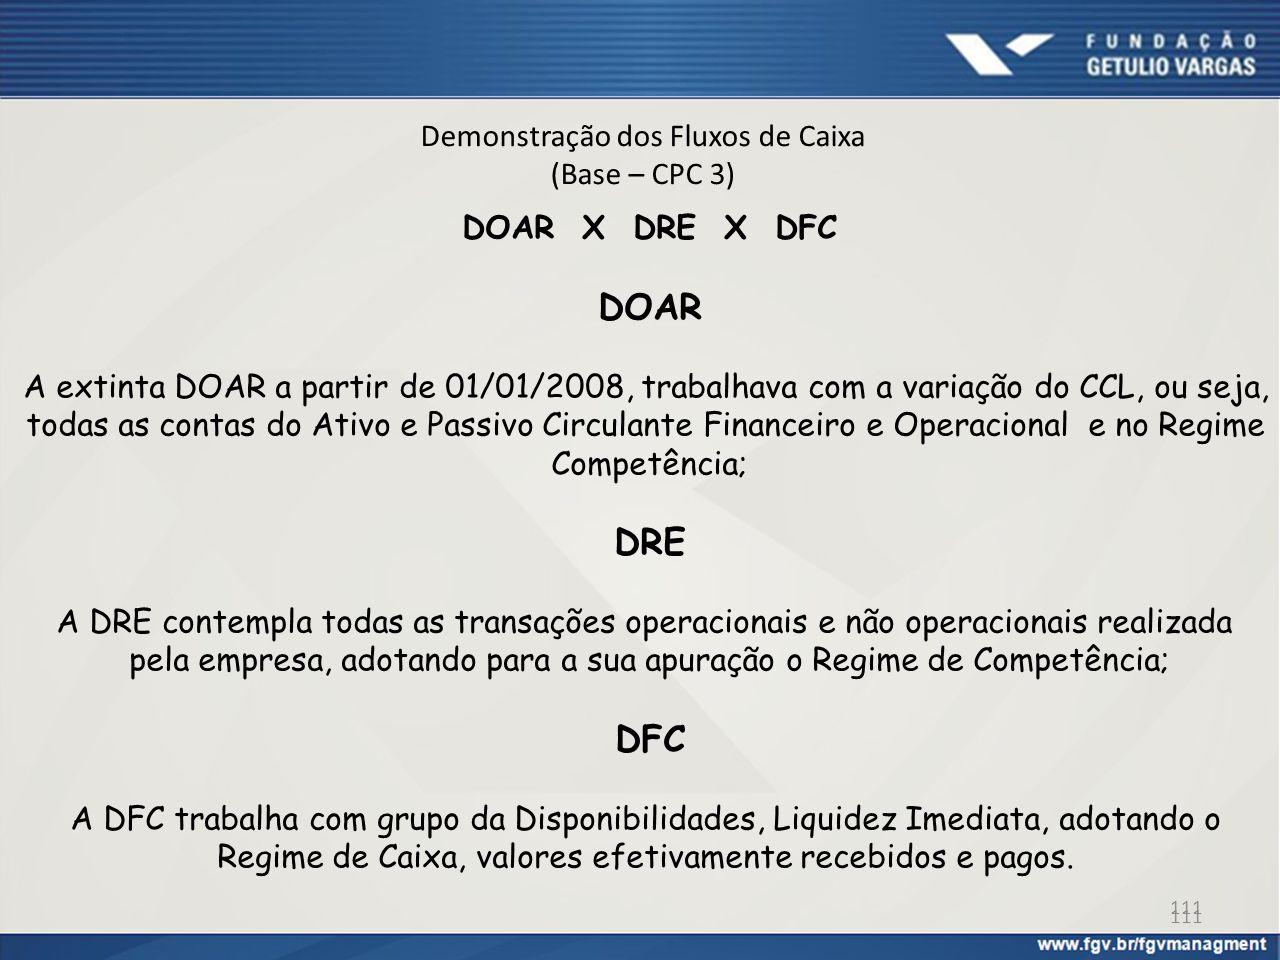 DOAR DRE DFC Demonstração dos Fluxos de Caixa (Base – CPC 3)